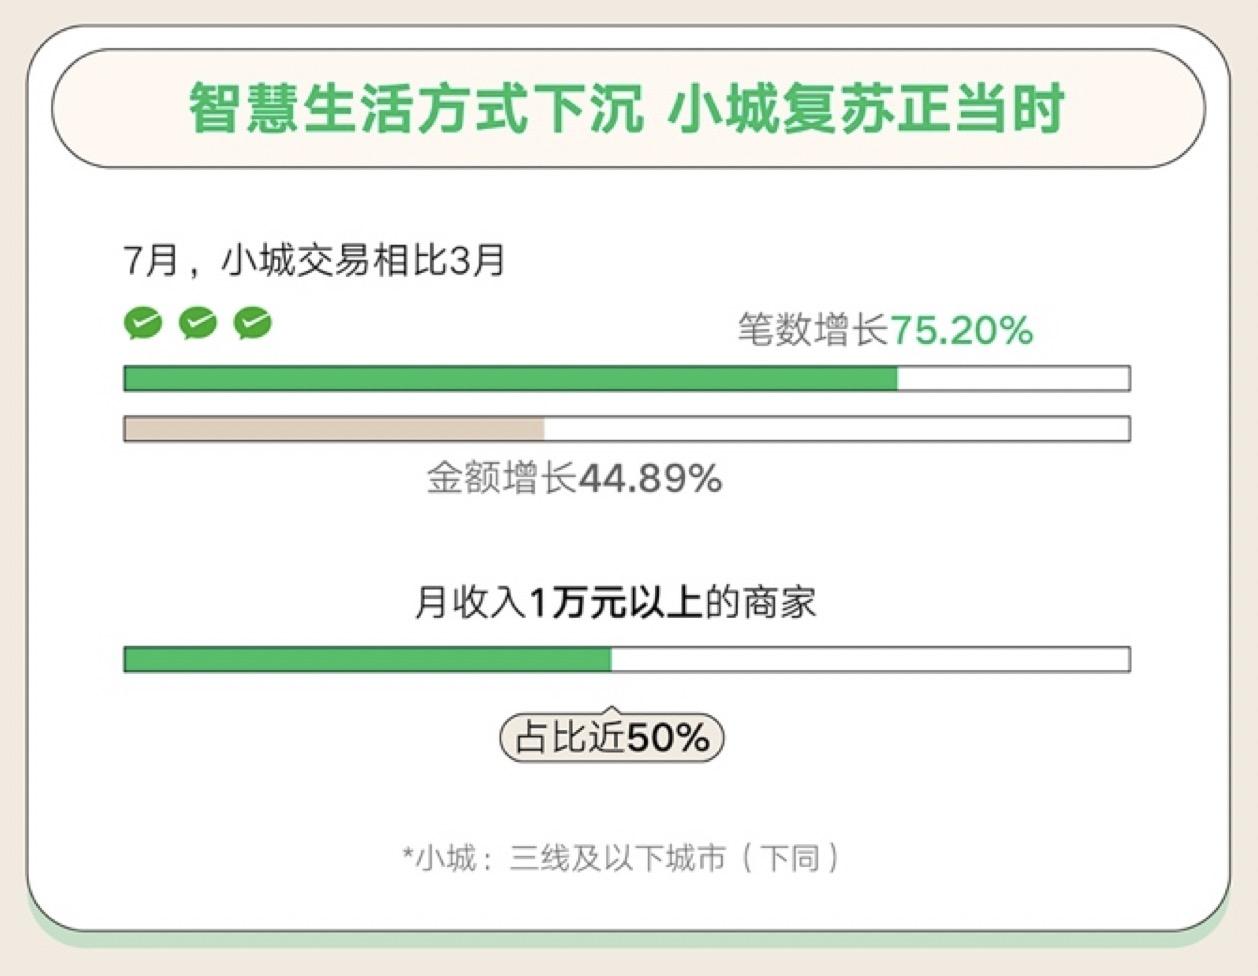 微信支付2020年《8.8智慧生活日消费数据报告》:深圳、广州、东莞、重庆夜经济最活跃